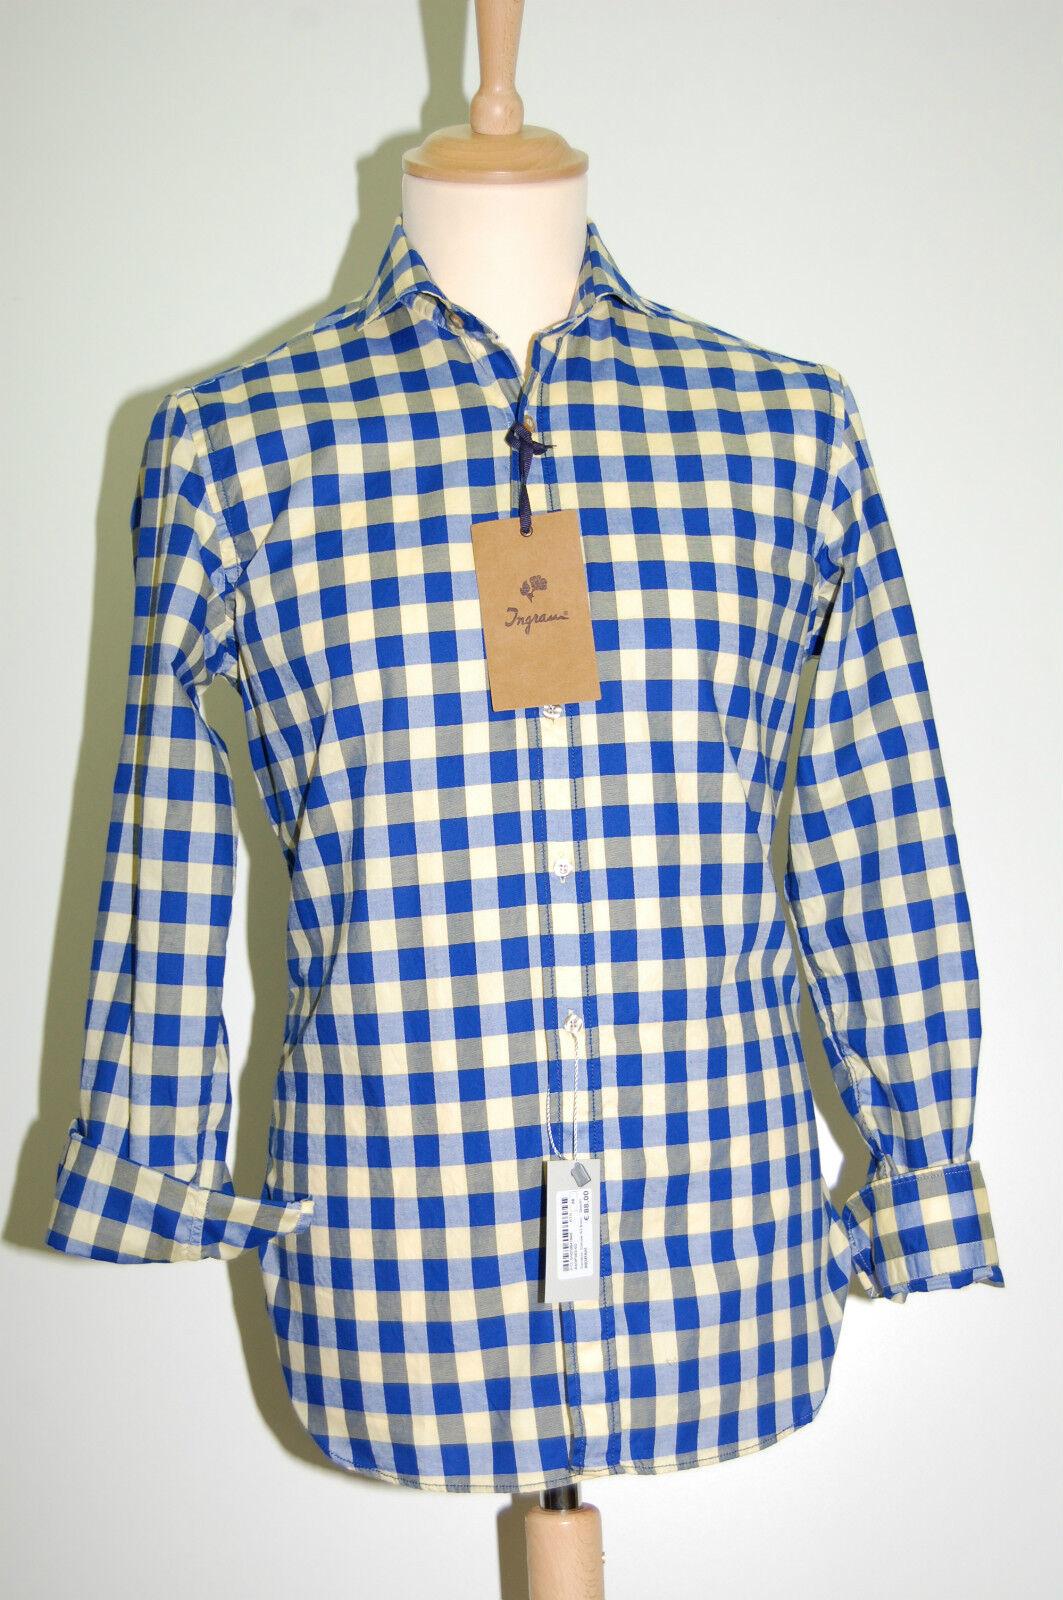 Camicia moda uomo Ingram slim fit a quadri Blu e Giallo puro cotone lavato 40-M